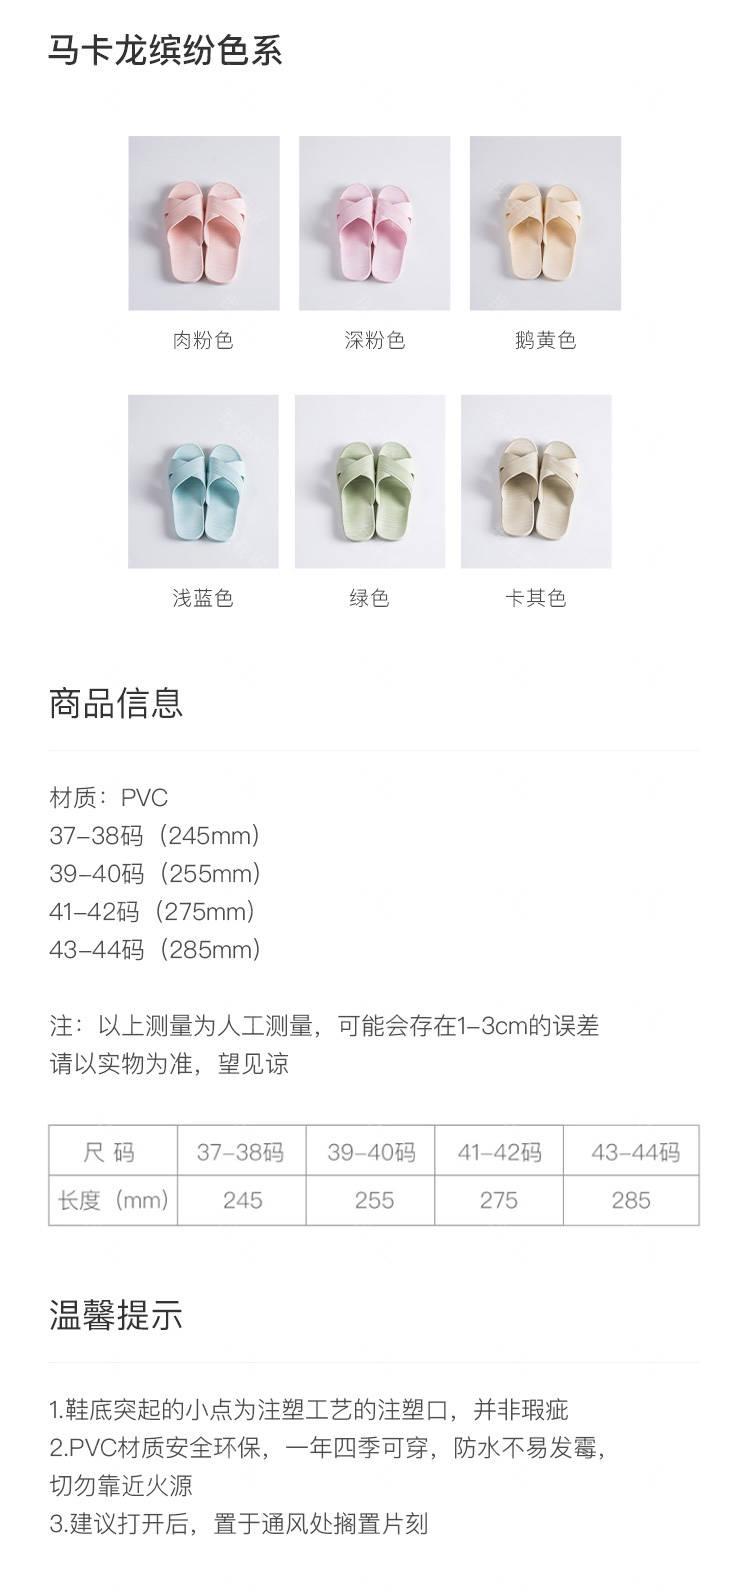 居彩品牌交叉款浴室凉拖鞋的详细介绍